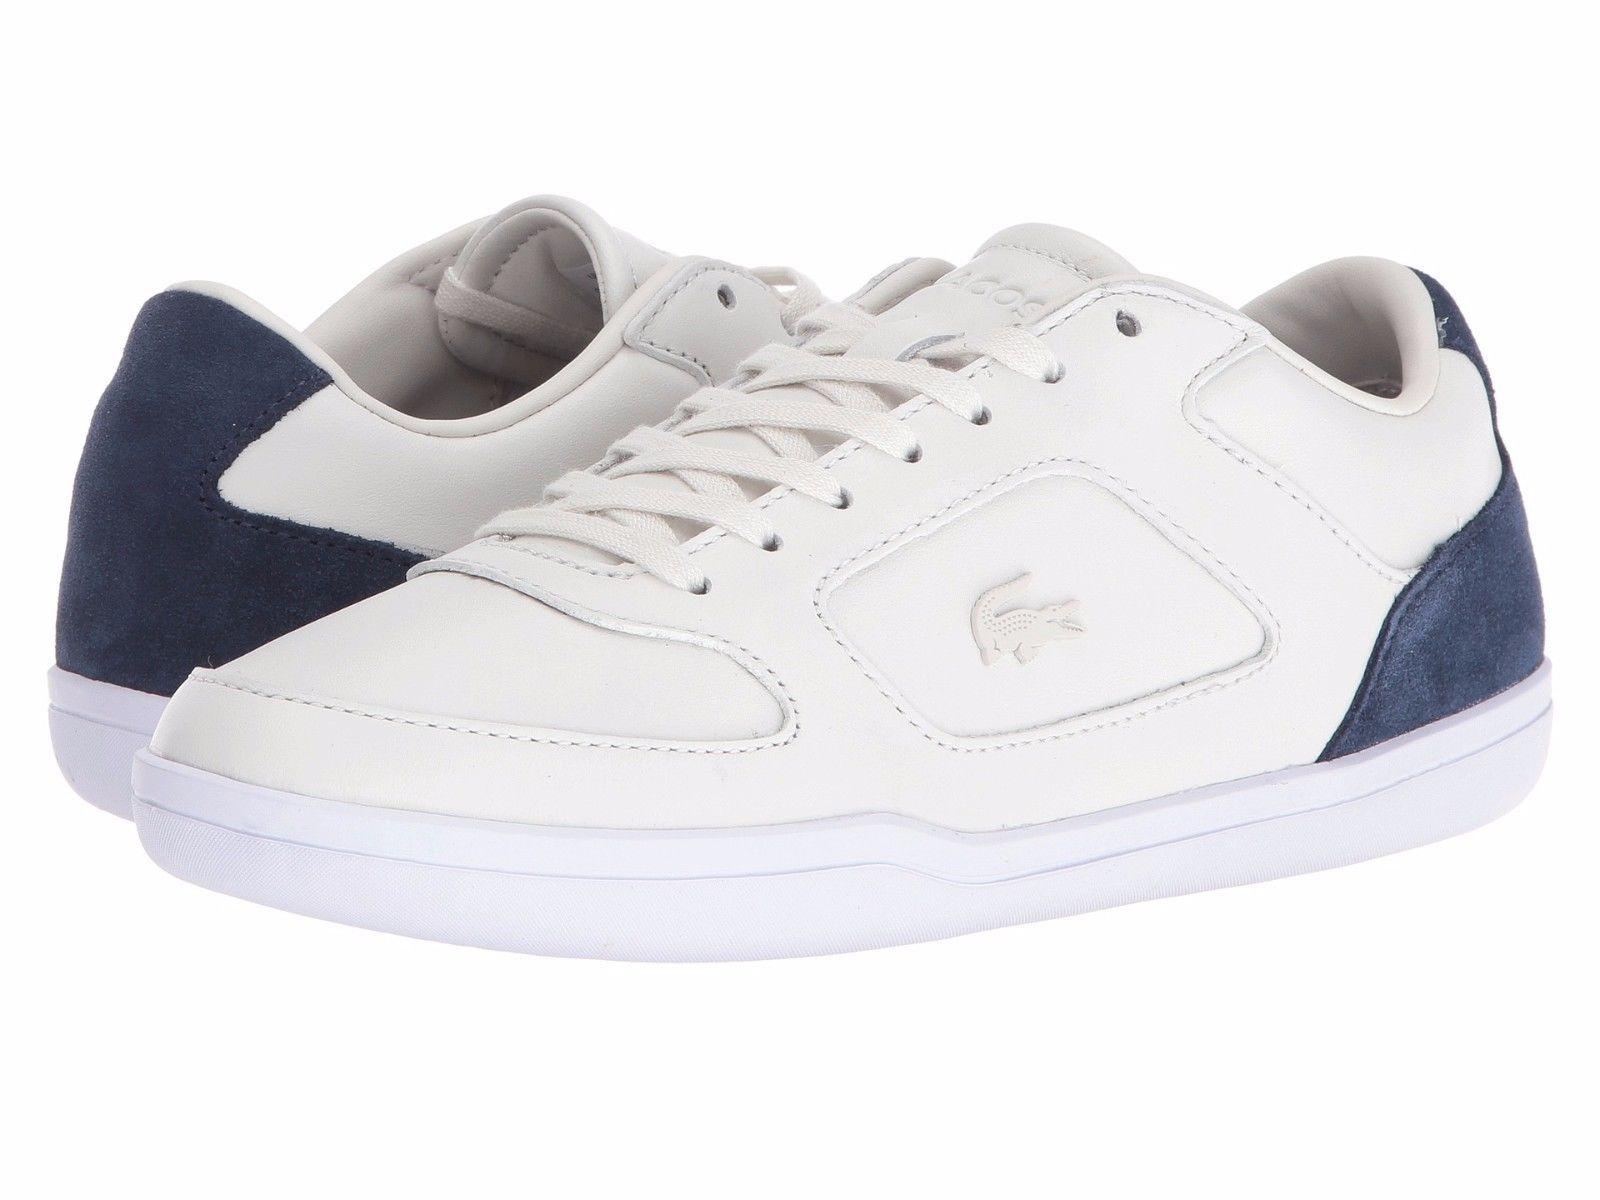 Size 12 LACOSTE Leather Suede Mens Sneaker Shoe! Reg$150 Sale$99 LastPair! - $99.00